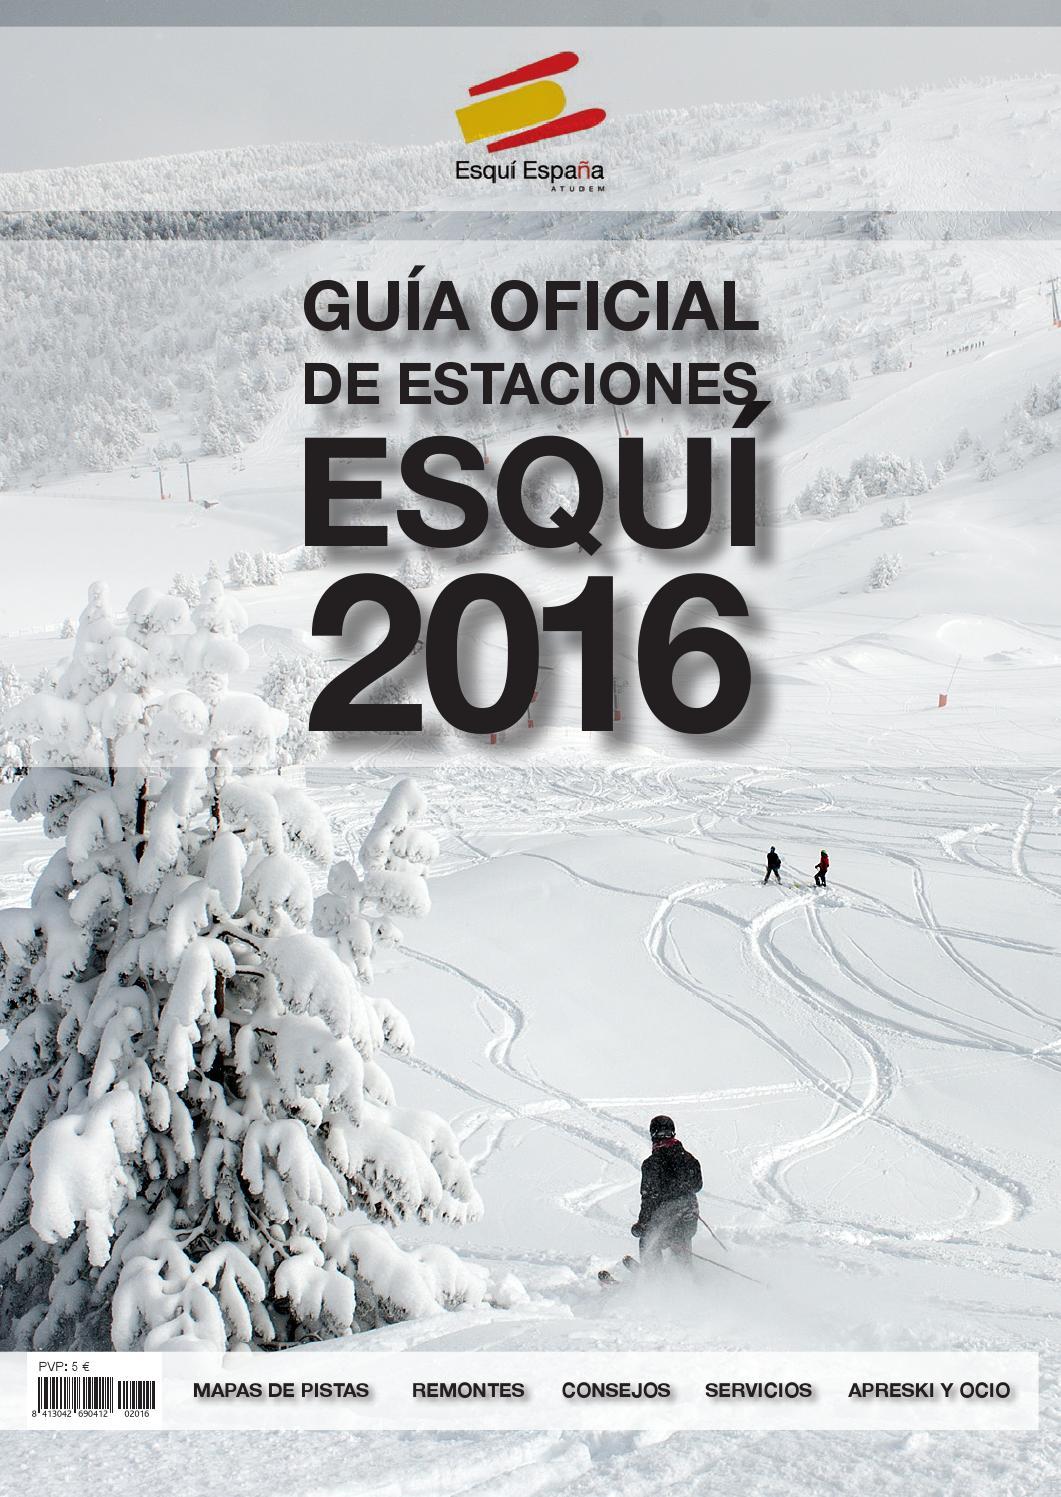 Mapa Estaciones Esqui España.Guia Oficial De Estaciones De Esqui De Espana 2016 By Media